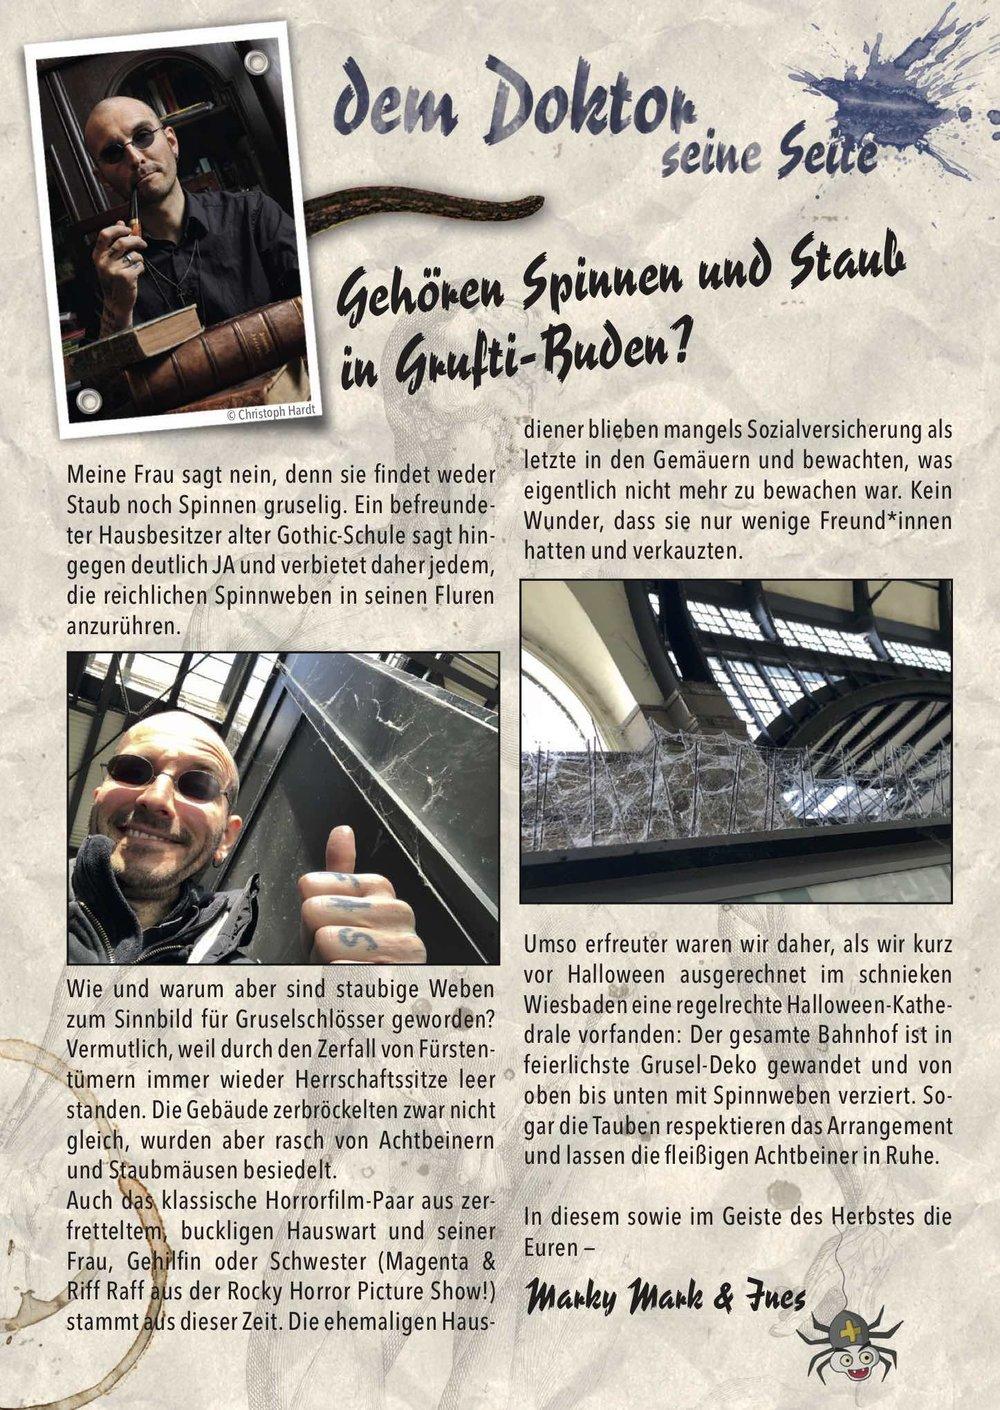 DDSS_okt_2018_mark_benecke_nachtplan_spinnweben_halloween_grusel_schloss_jpg.jpg